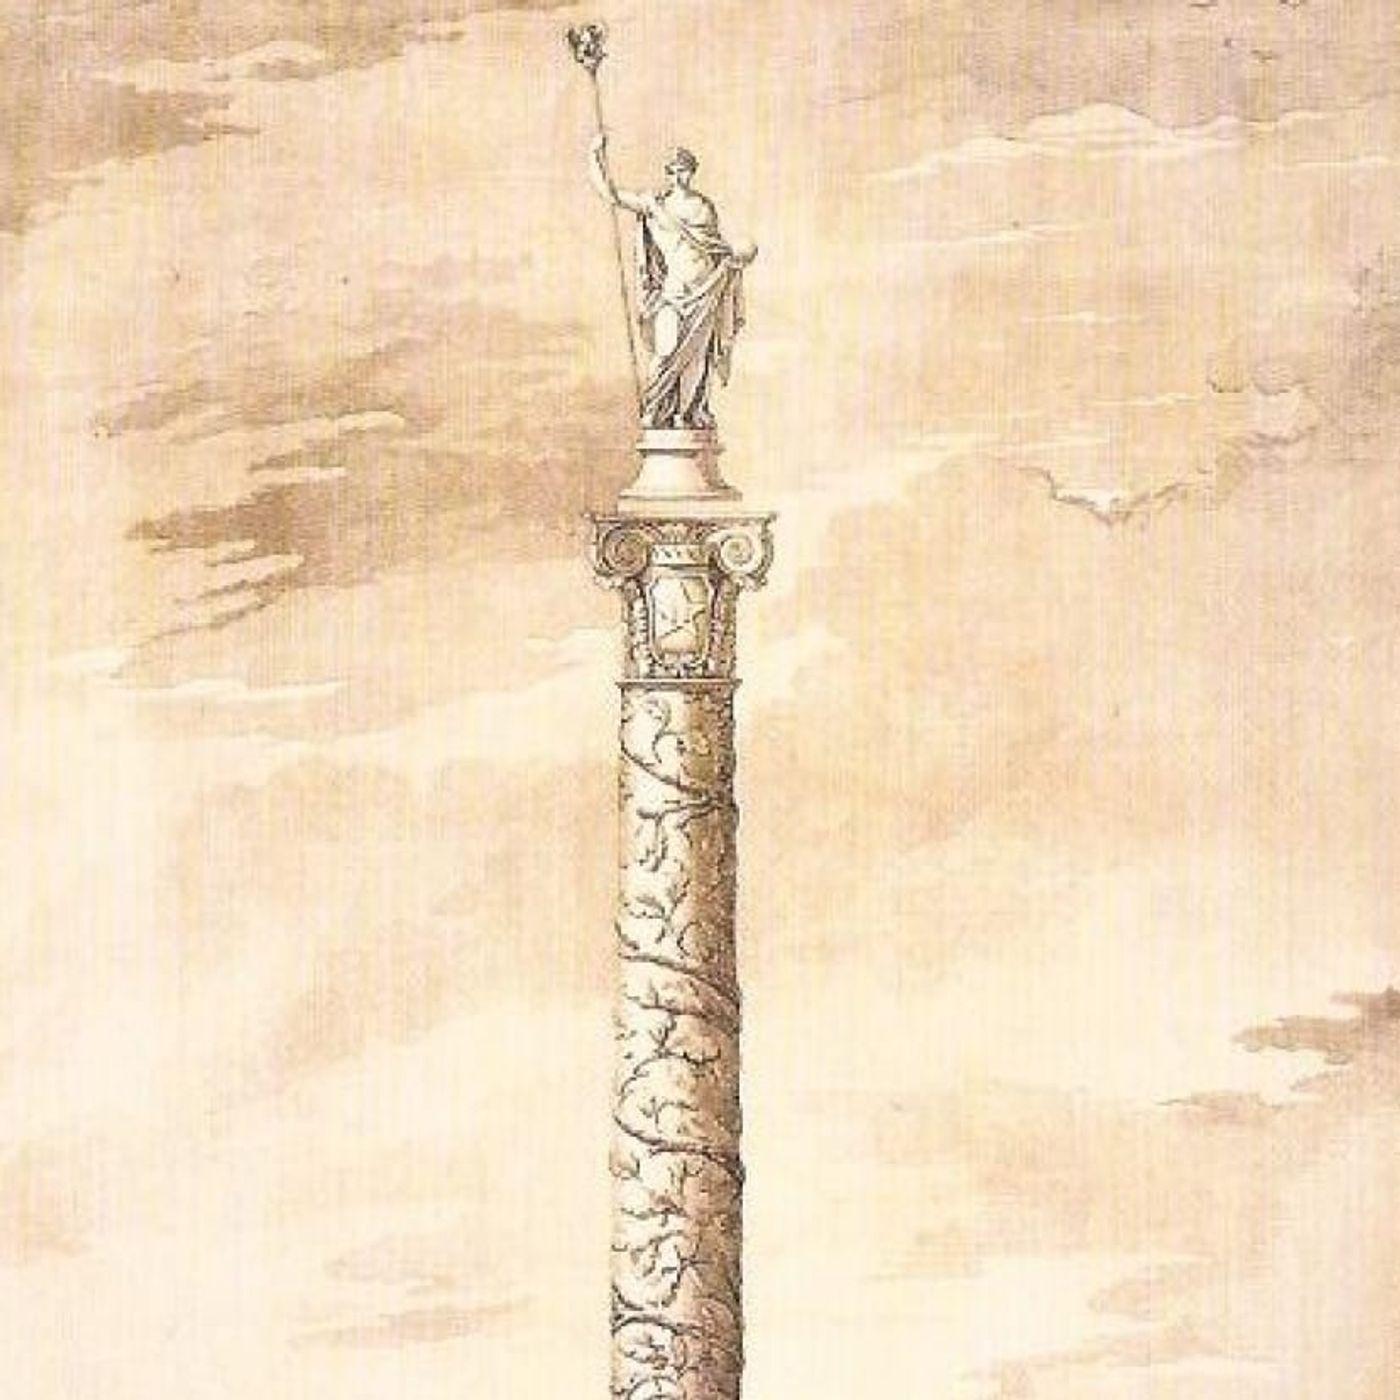 23 giugno 1796 i francesi entrano a Ferrara